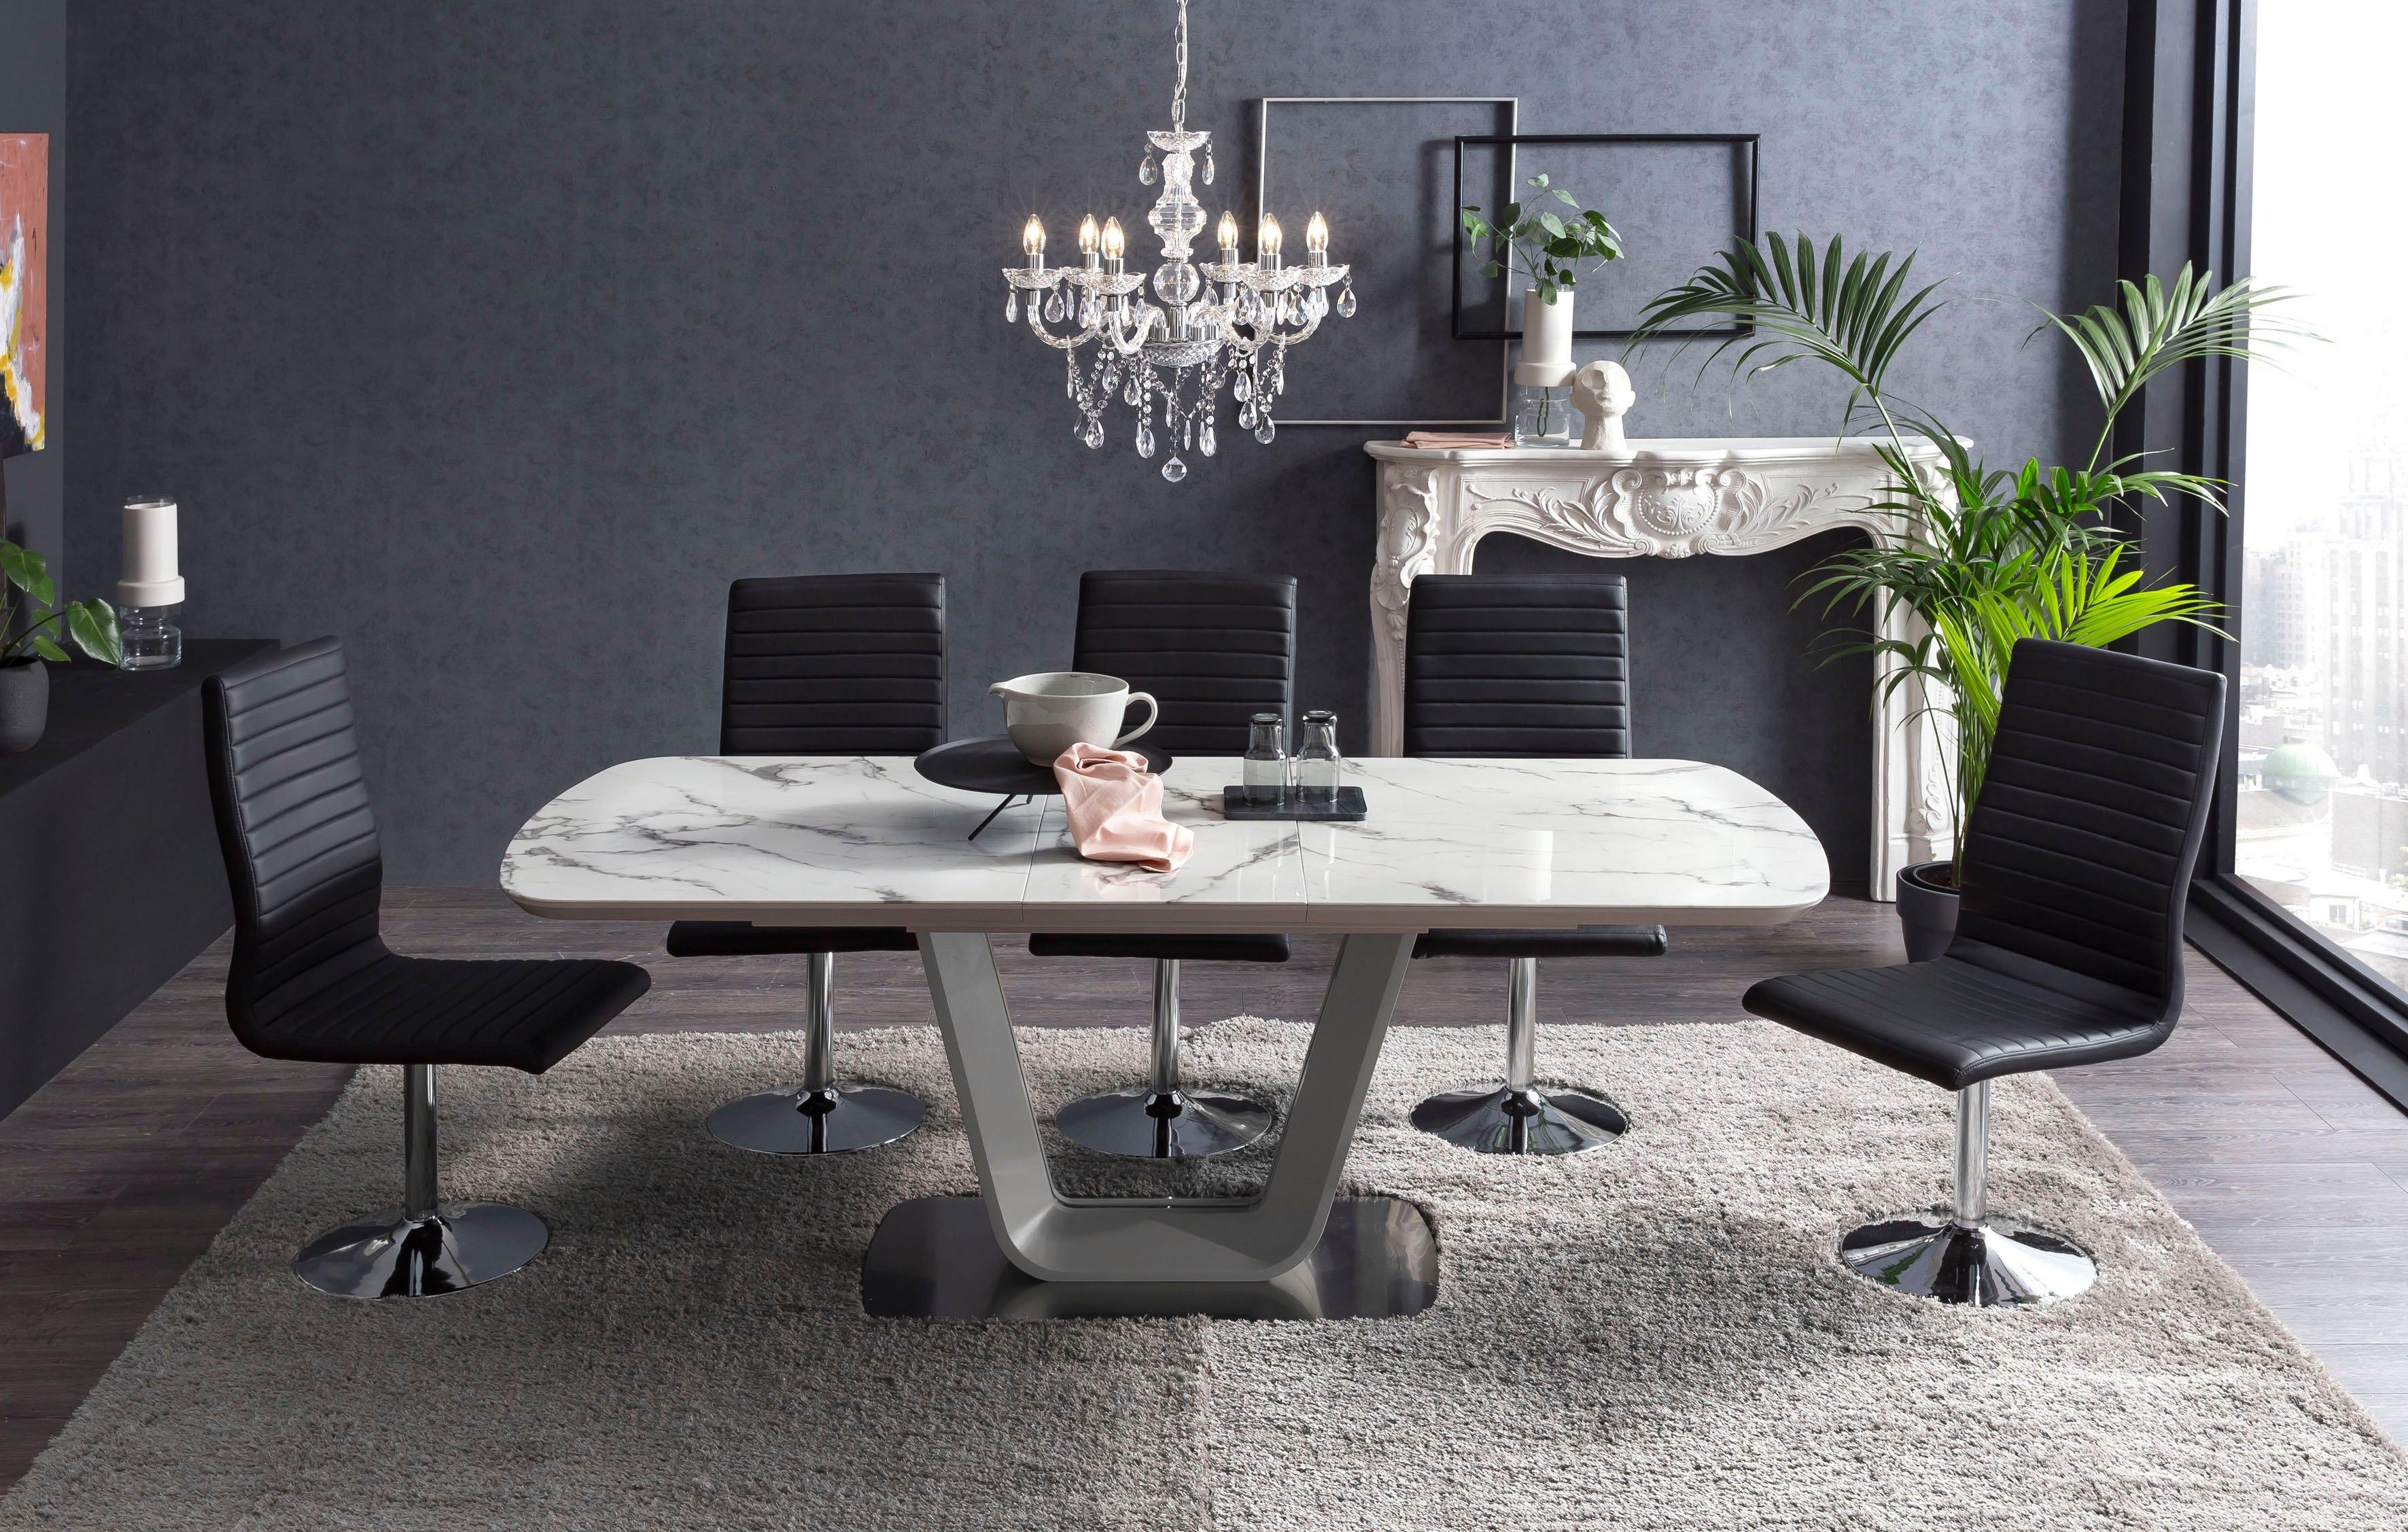 Op zoek naar een SalesFever eettafel Glazen tafel uittrekbaar? Koop online bij OTTO